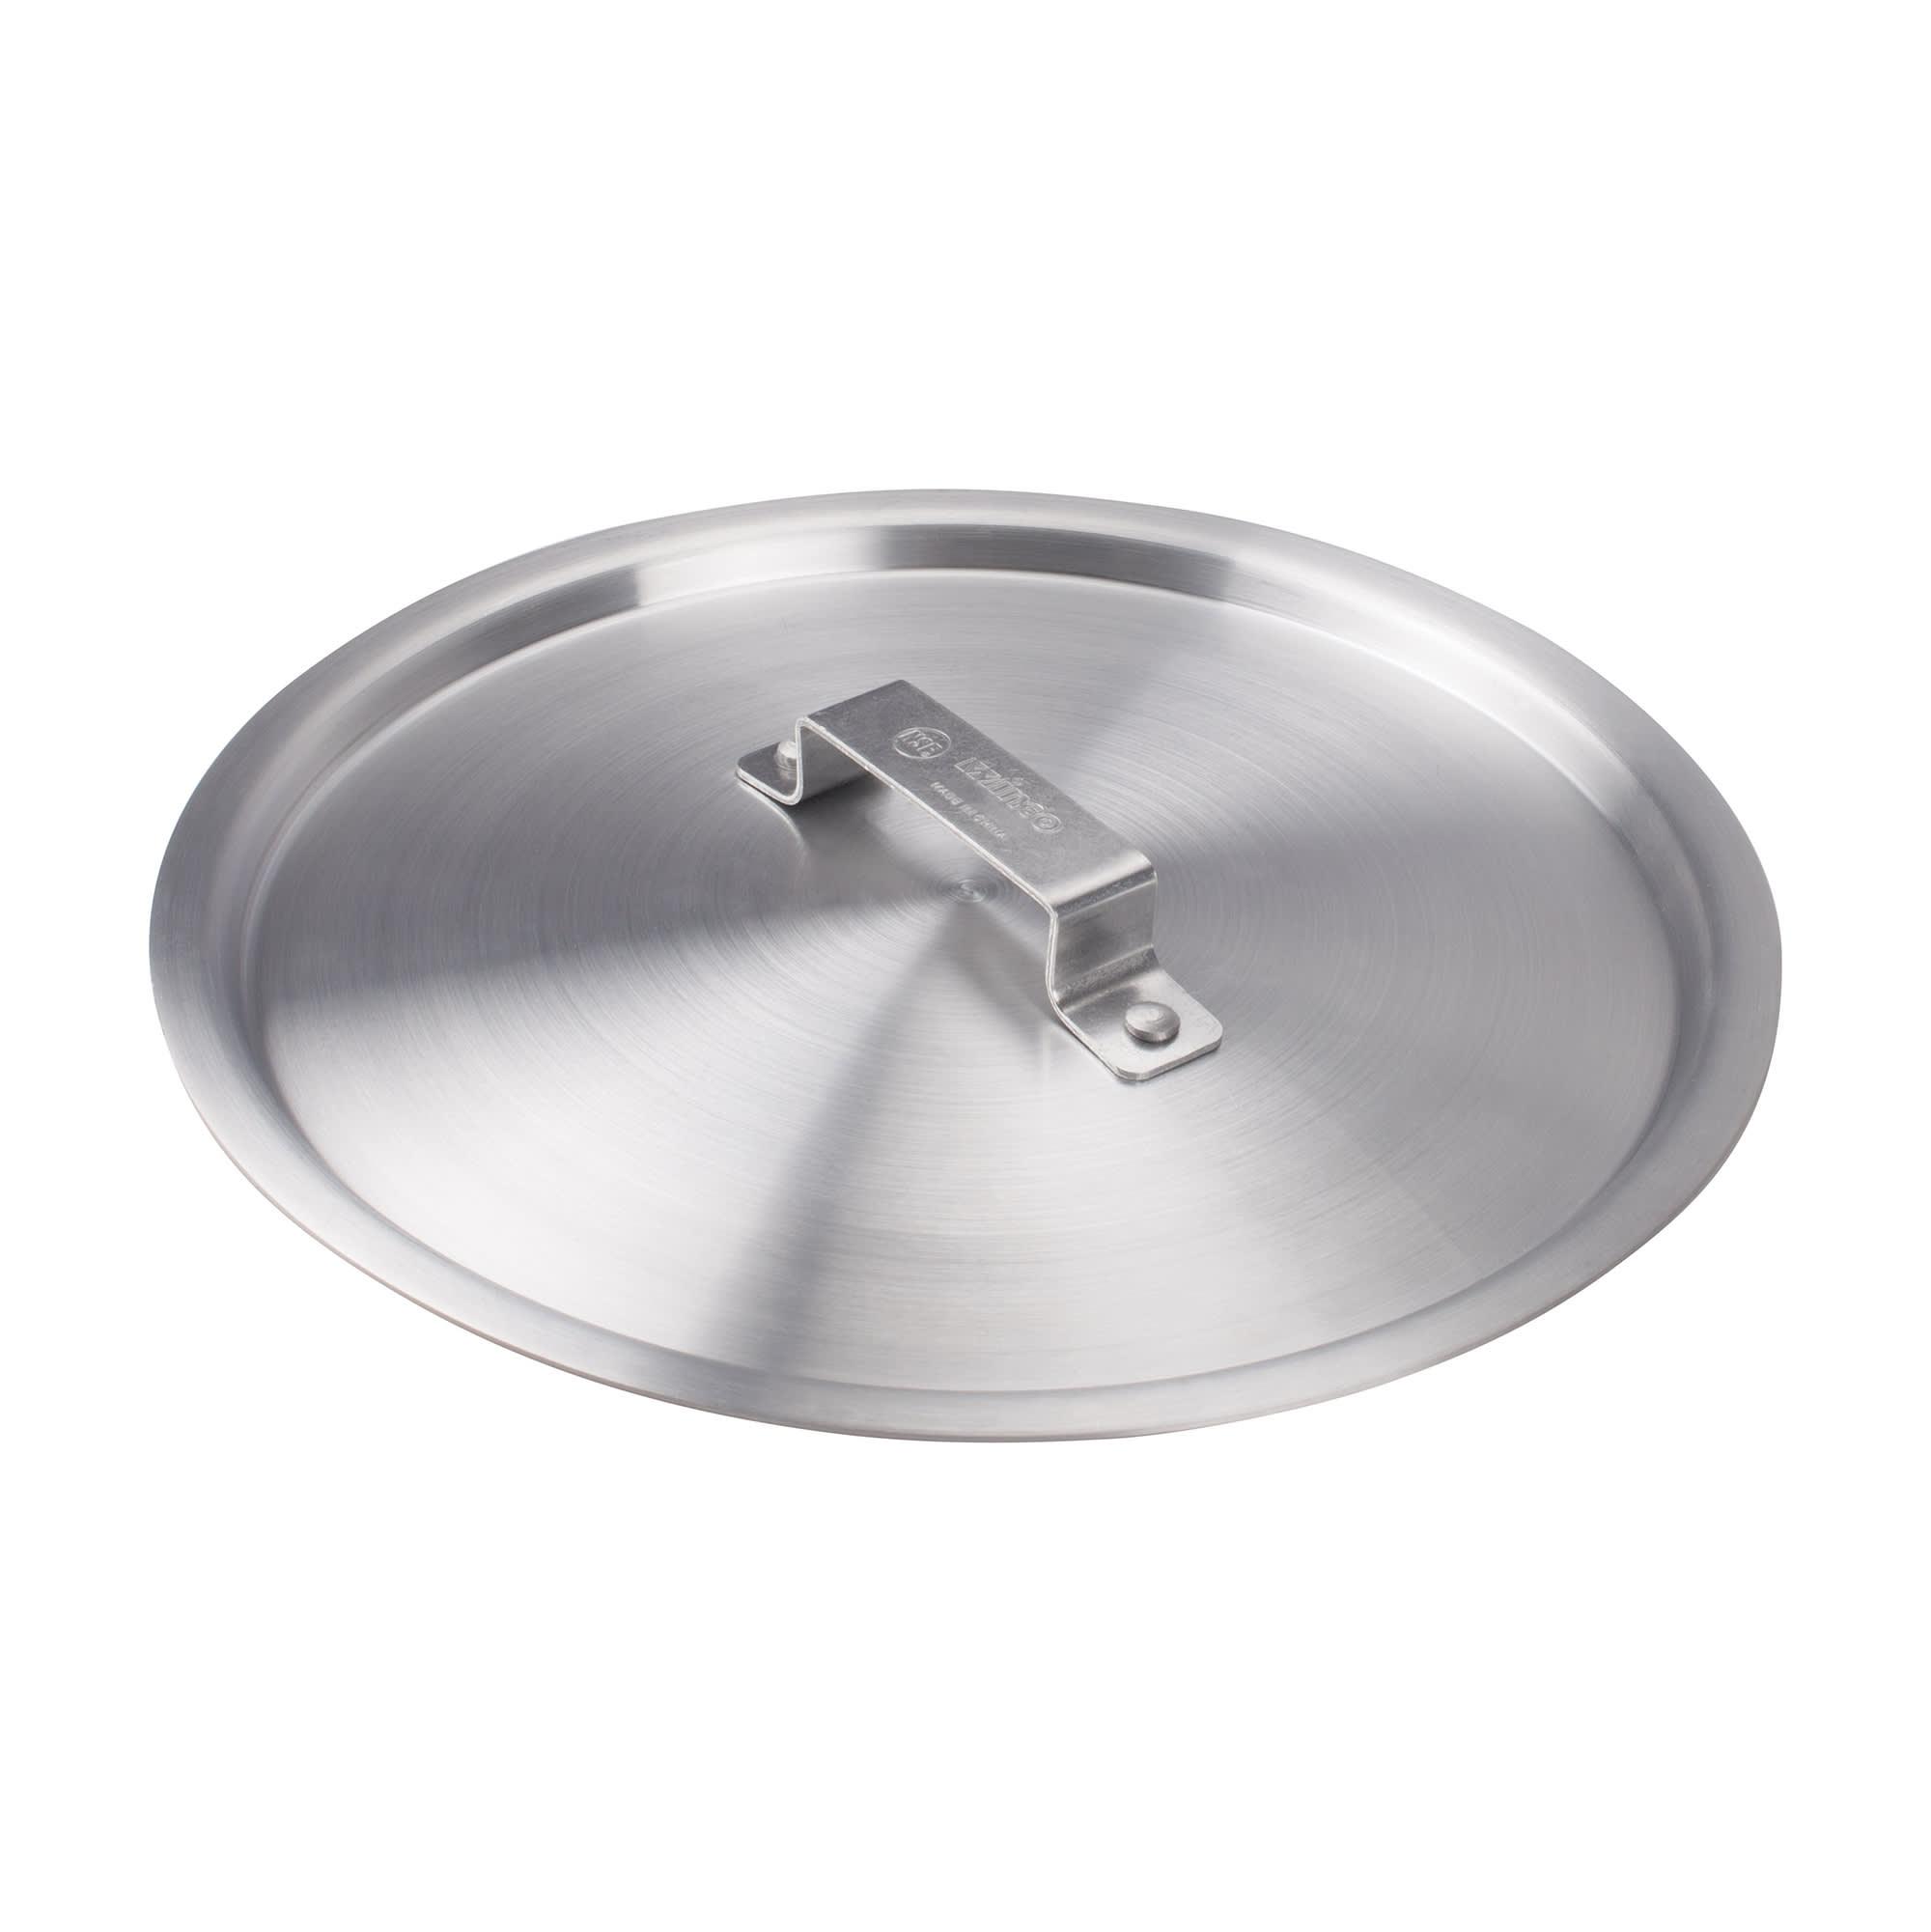 Winco ALPC-100 Stock Pot Cover for 100 qt Pots & 28 qt Braziers, Aluminum